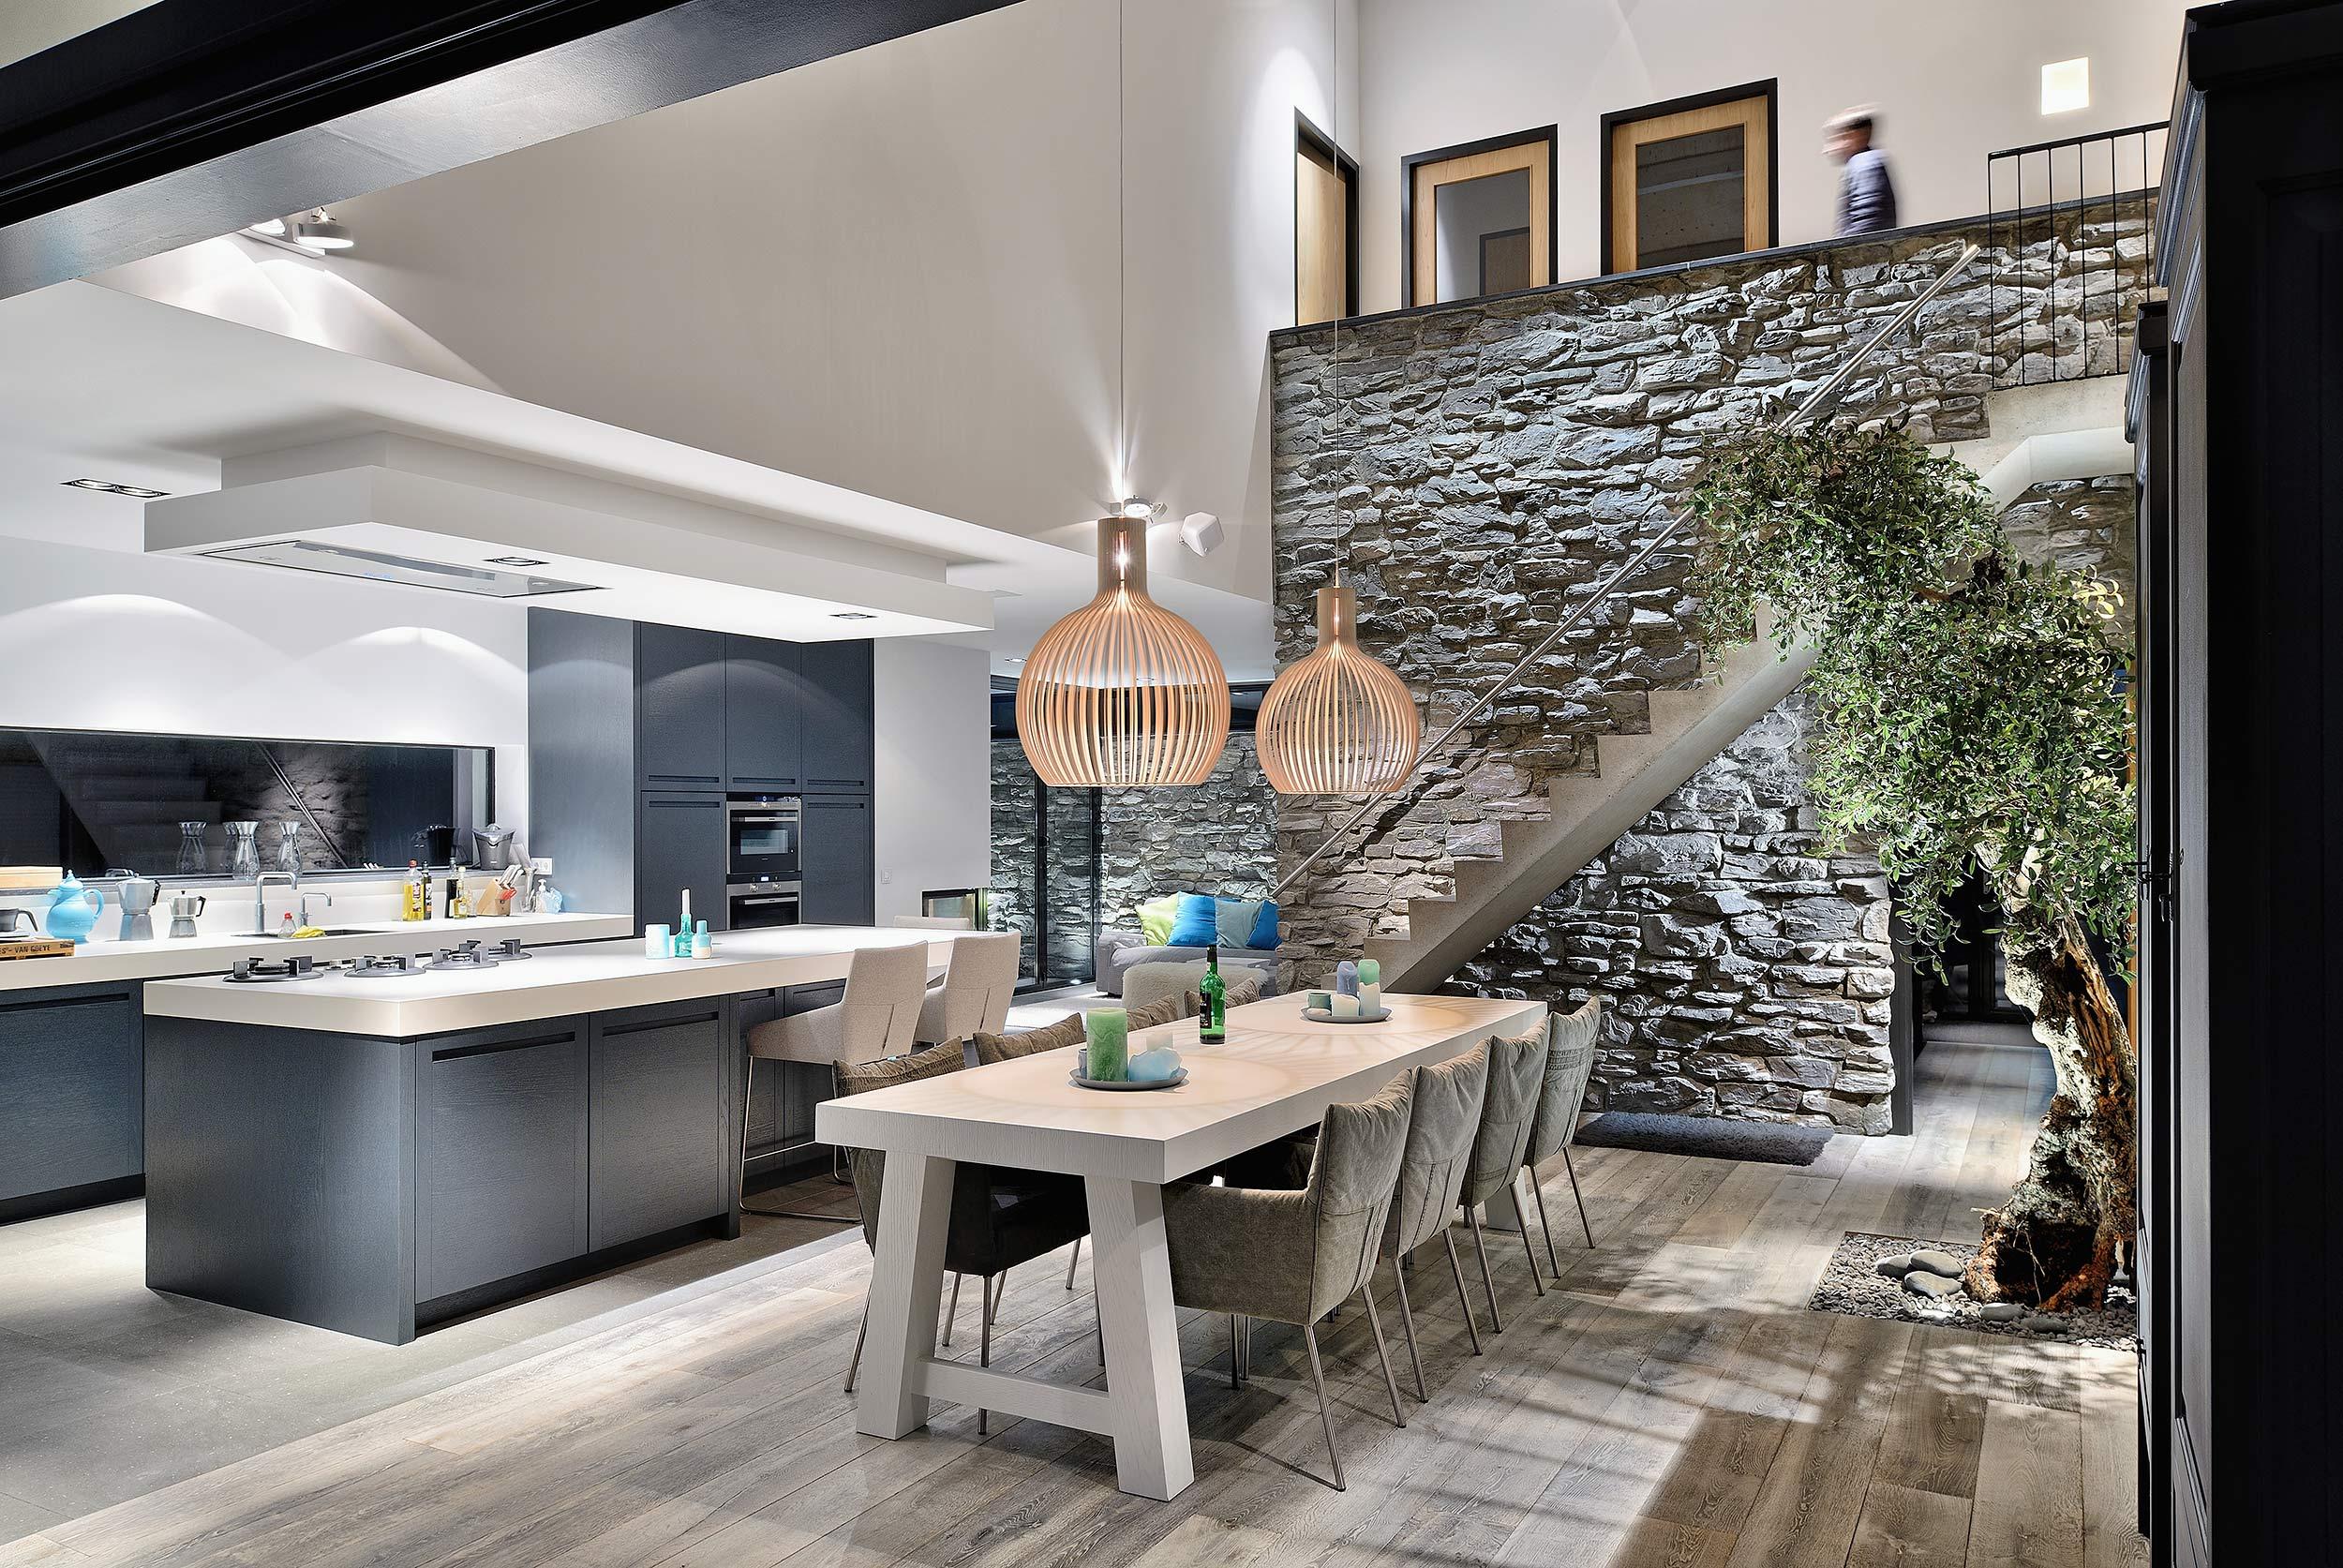 Villa Bergen aan Zee - architectuur en interieur fotograaf Chiel de Nooyer